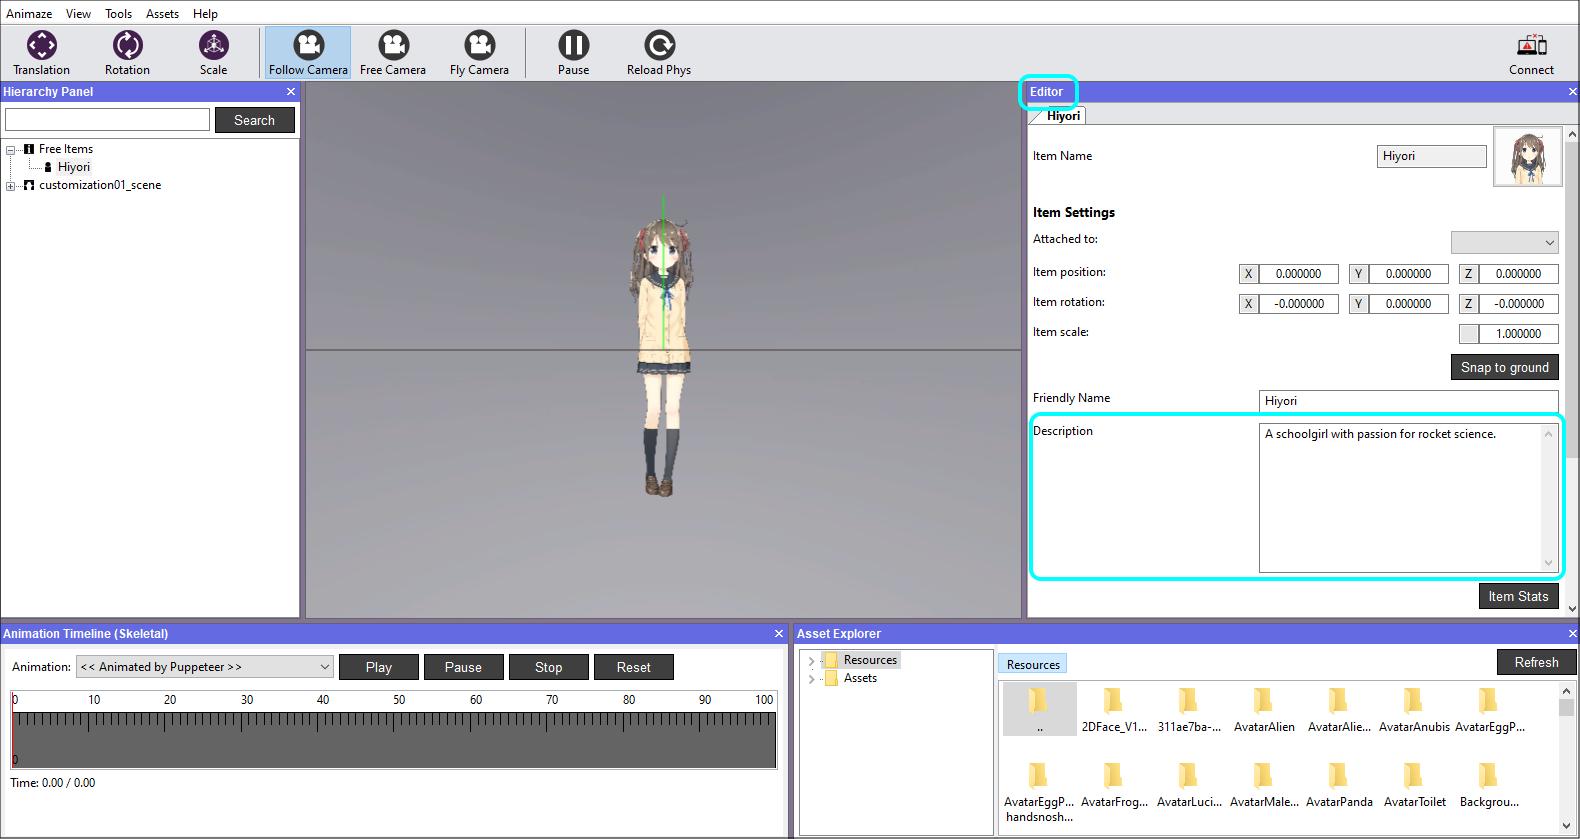 Change the avatar's Description